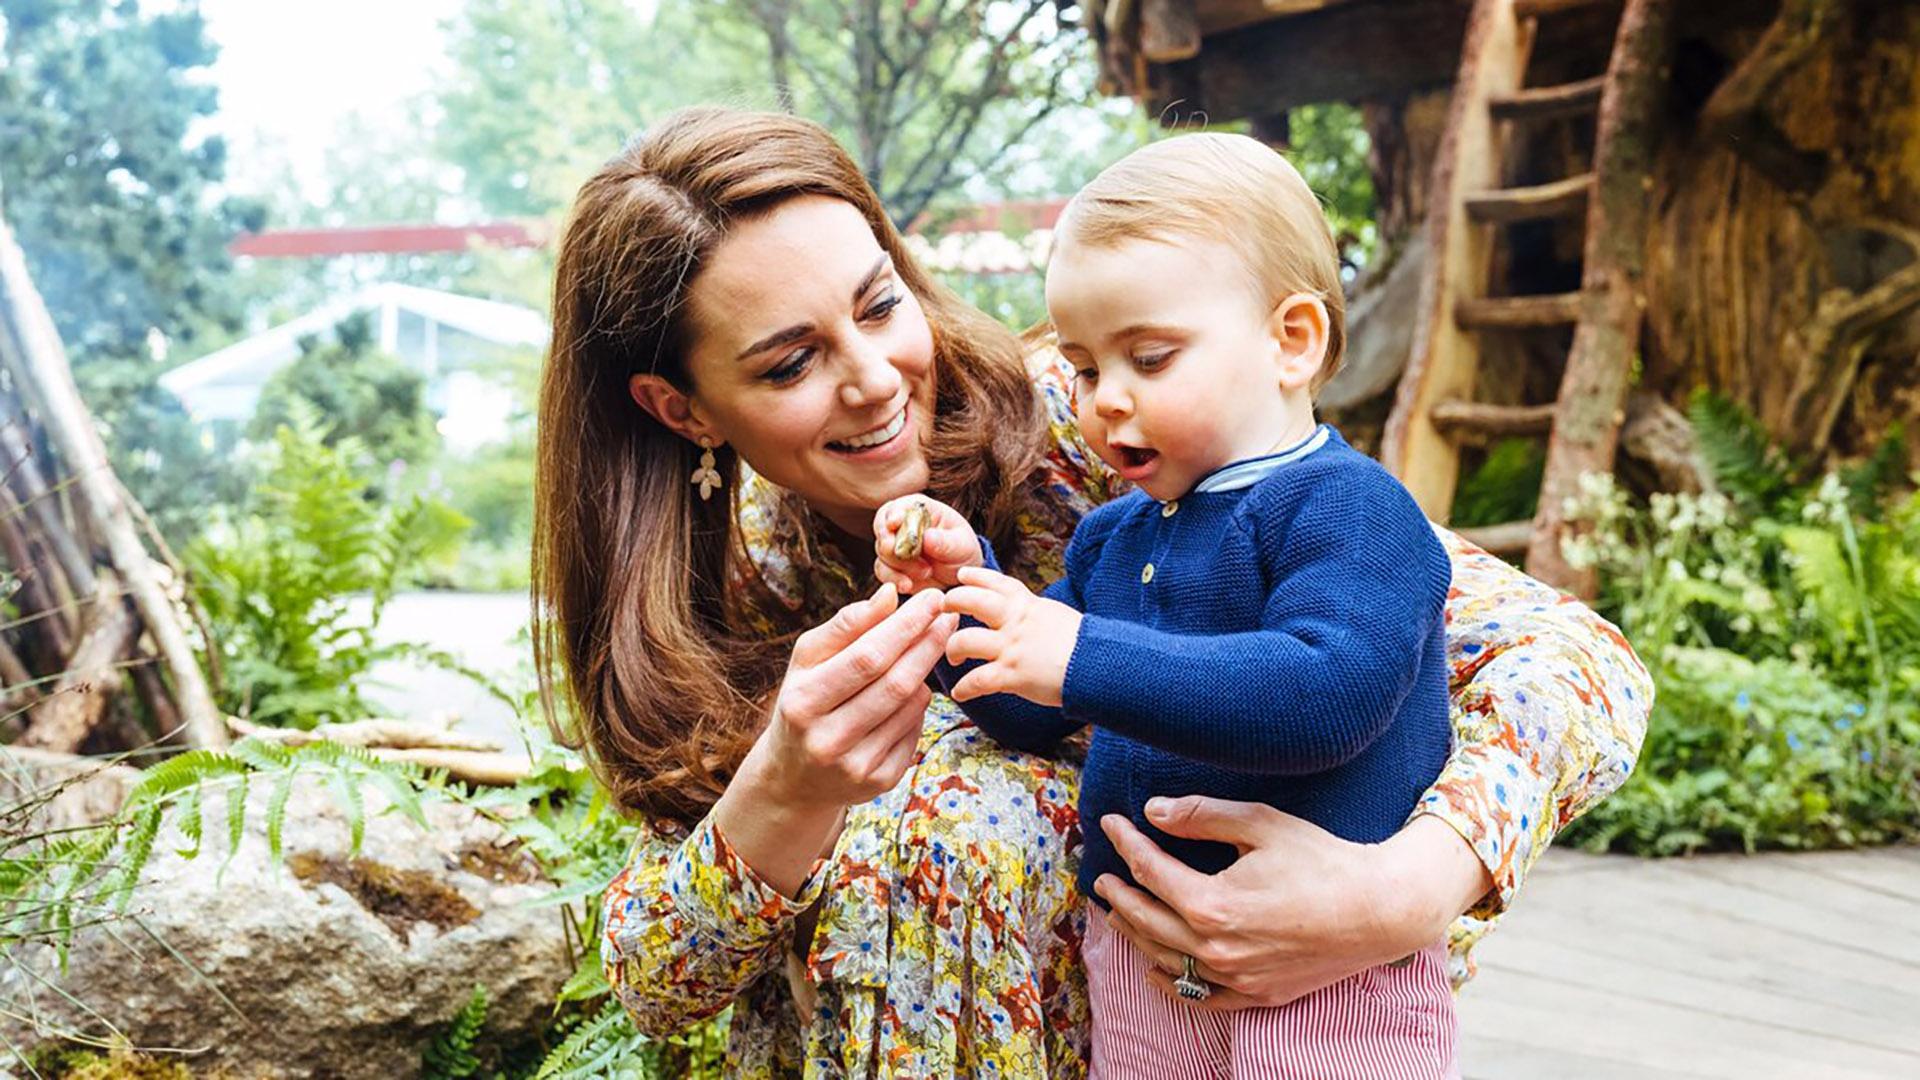 La duquesa de Cambridge y el príncipe Louis, nacido el 23 abril de 2018. (@RoyalFamily)